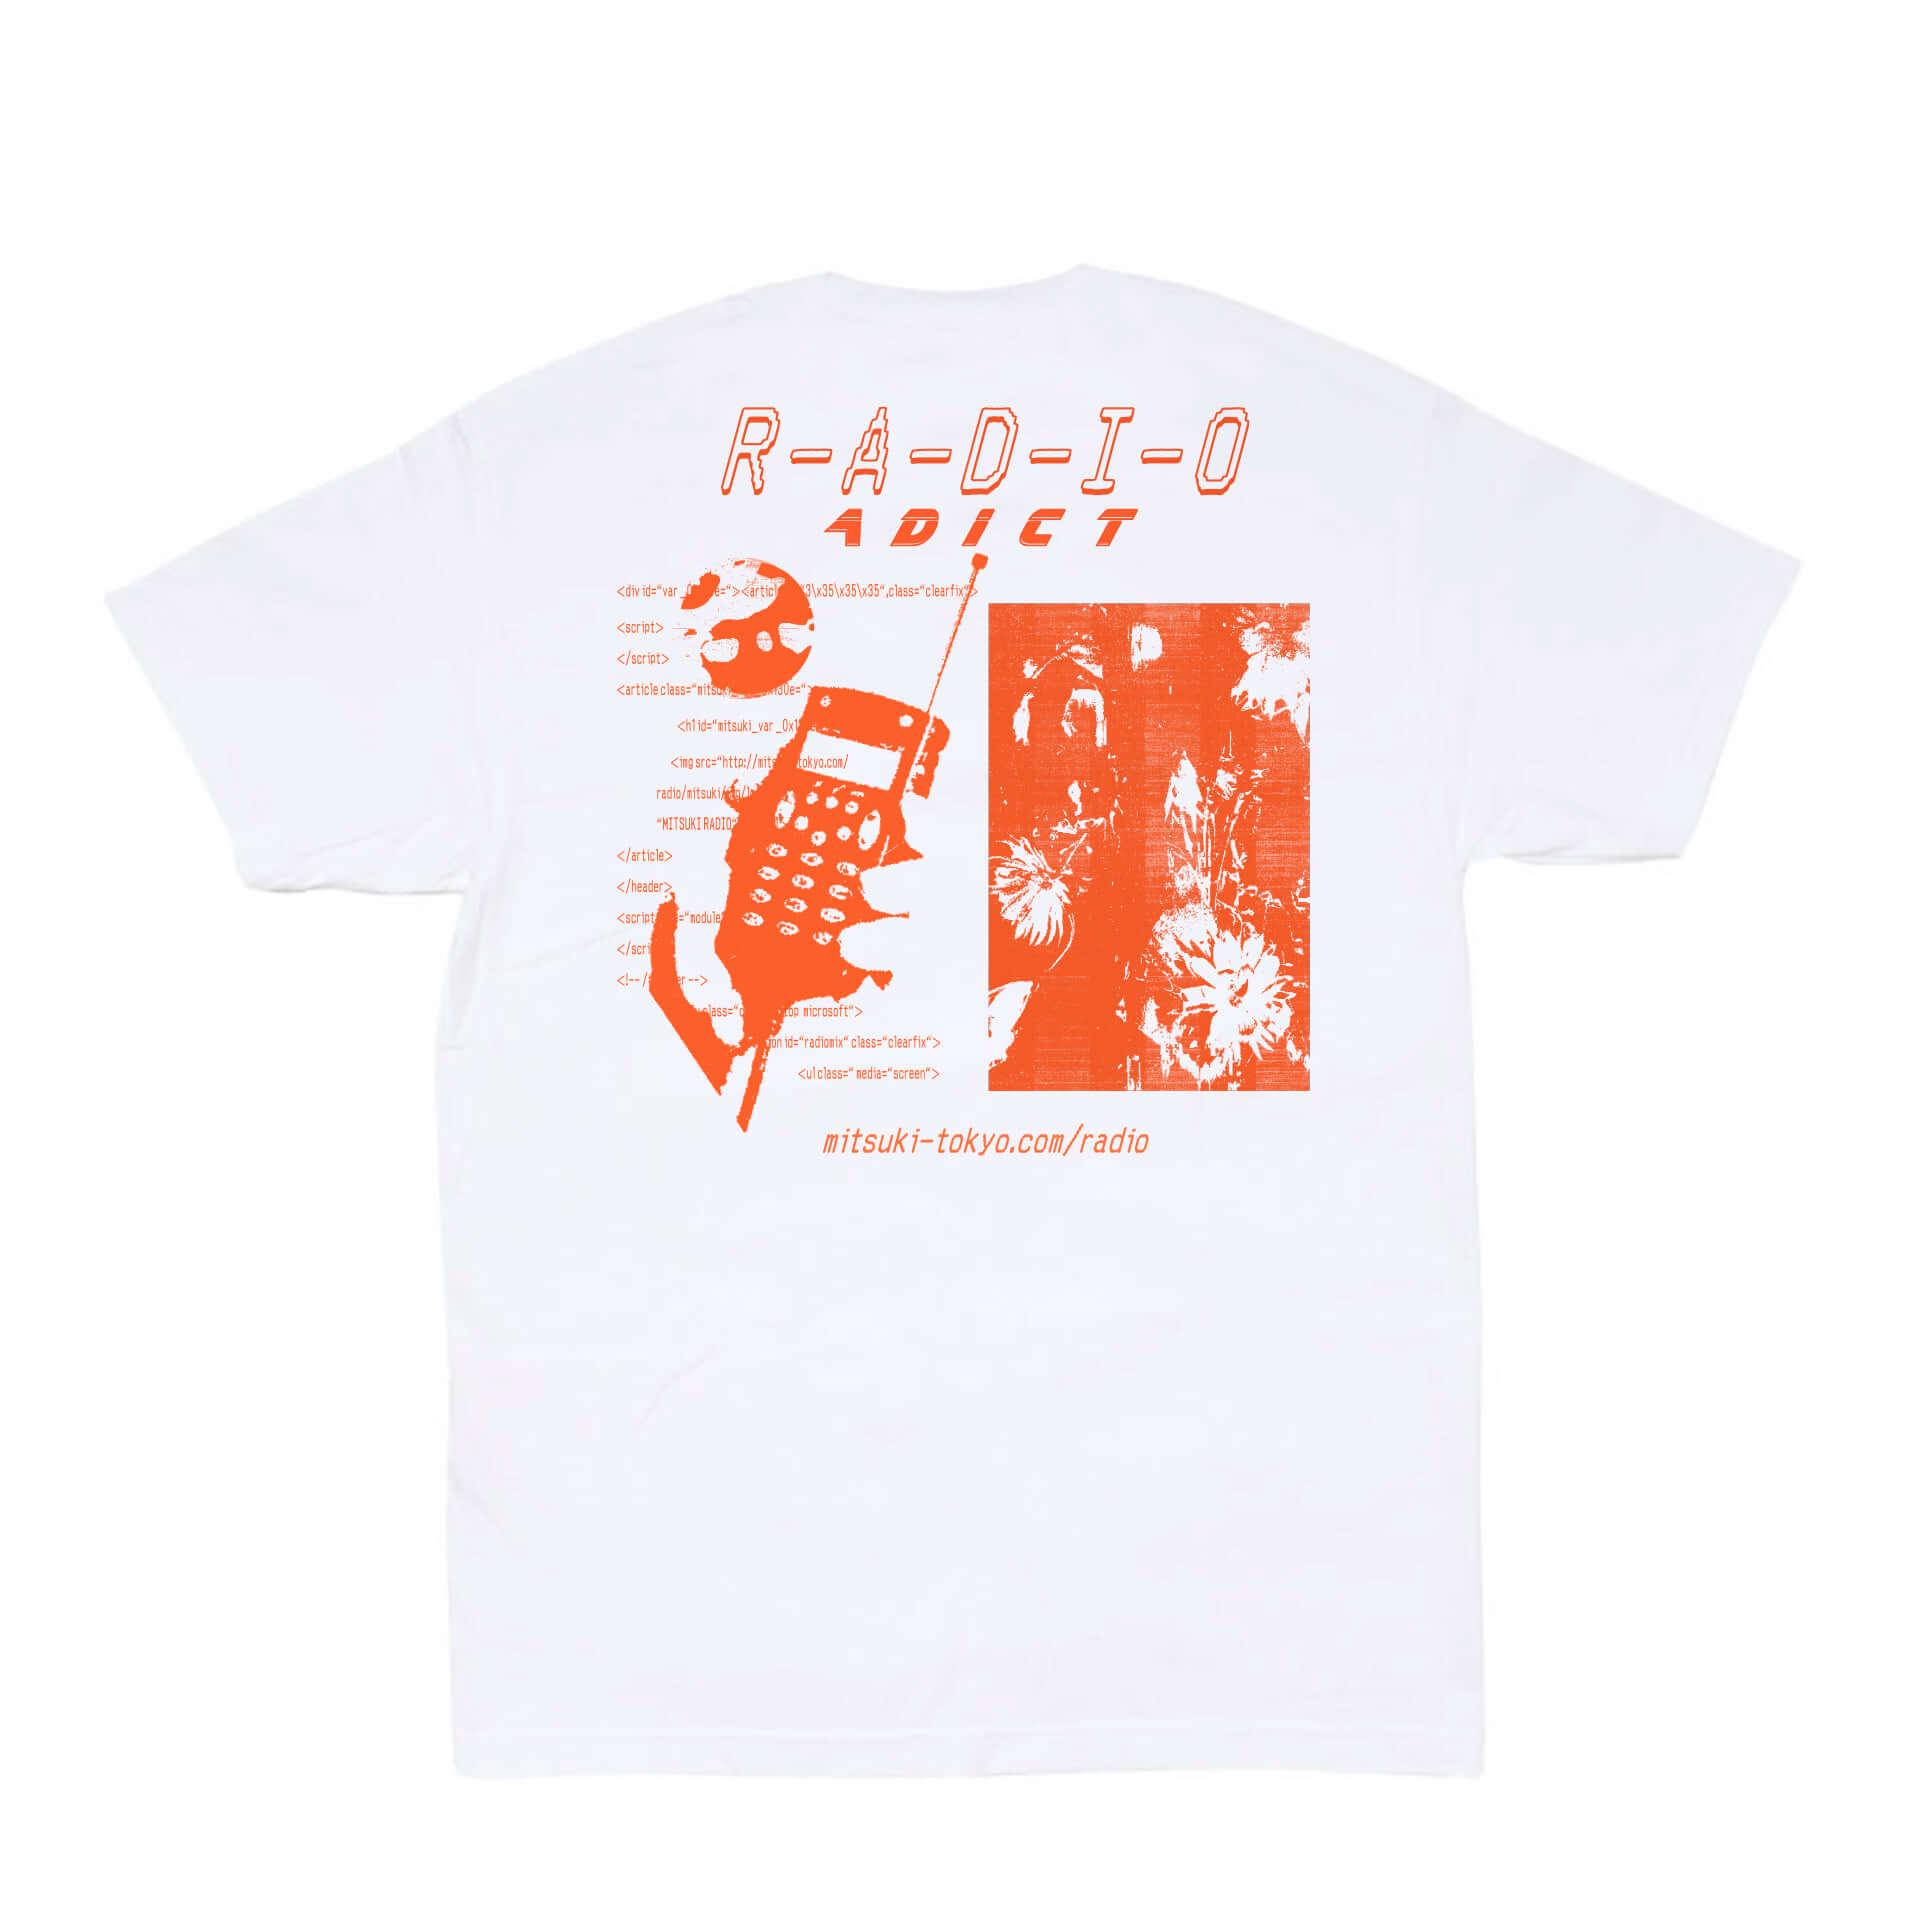 渋谷「翠月」がインターネットラジオ「MITSUKI RADIO」をスタート!Kenji Takimiのミックスや野村訓市のトークが配信 music200604_mitsukiradio_05-1920x1919